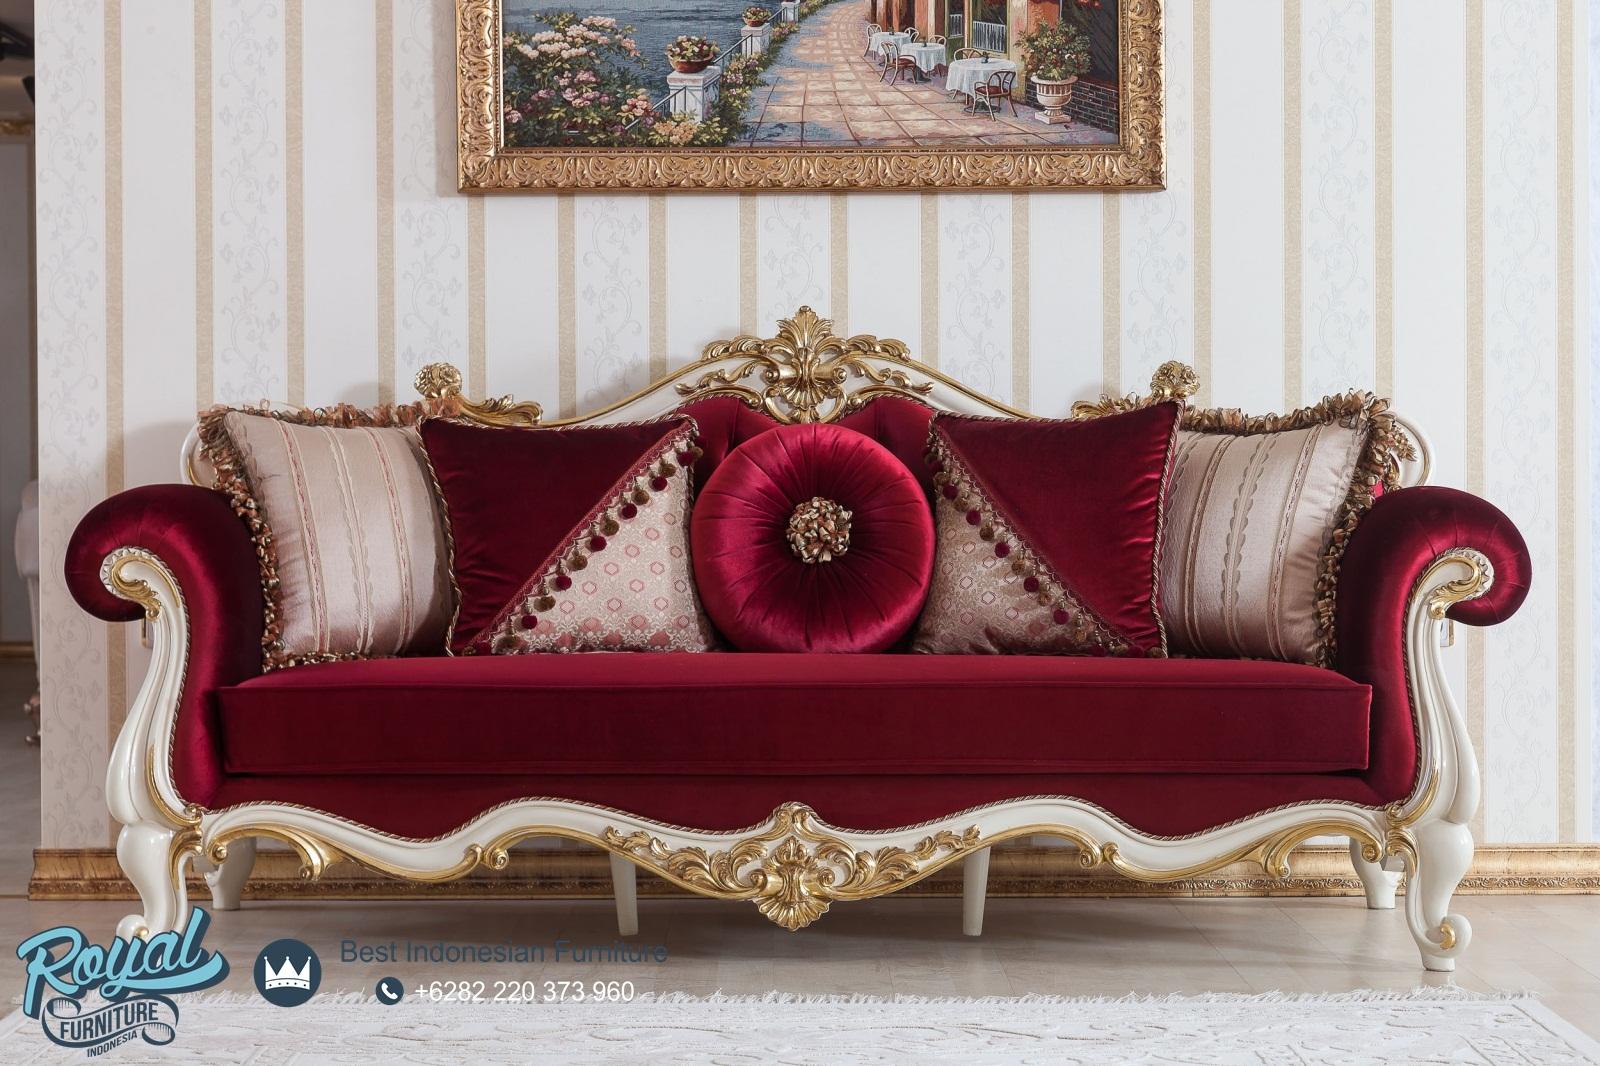 Sofa Tamu Jepara Terbaru Mewah Modern Ukiran Turky Style, sofa tamu kayu jati ukiran jepara, sofa tamu mewah terbaru, sofa tamu jepara terbaru, kursi tamu ukir jepara terbaru, harga sofa tamu jati ukiran jepara, sofa ruang tamu mewah modern, sofa mewah modern jepara, sofa mewah minimalis terbaru, kursi tamu mewah modern, harga sofa ruang tamu mewah, set sofa tamu mewah, set sofa tamu klasik, kursi tamu classic ukiran jepara, furniture sofa tamu jepara, toko furniture jepara, showroom furniture jepara, furniture jepara store, mebel jepara klasik, jual kursi tamu sofa mewah terbaru 2020, kursi tamu mewah harga kualitas terbaik, royal furniture